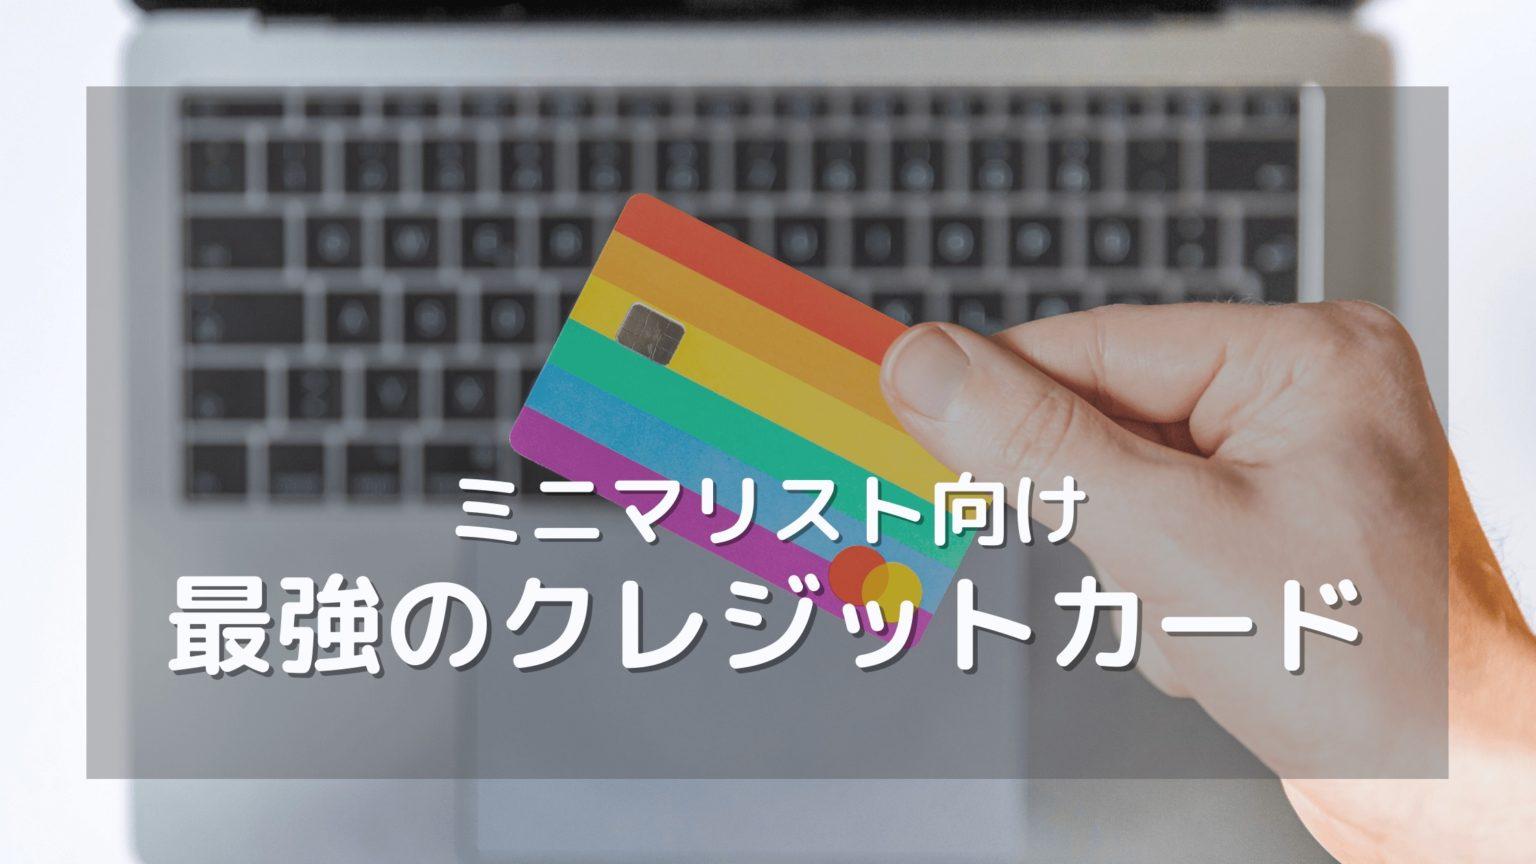 ミニマリスト向けの最強クレジットカードが確定?ポイント無双する方法